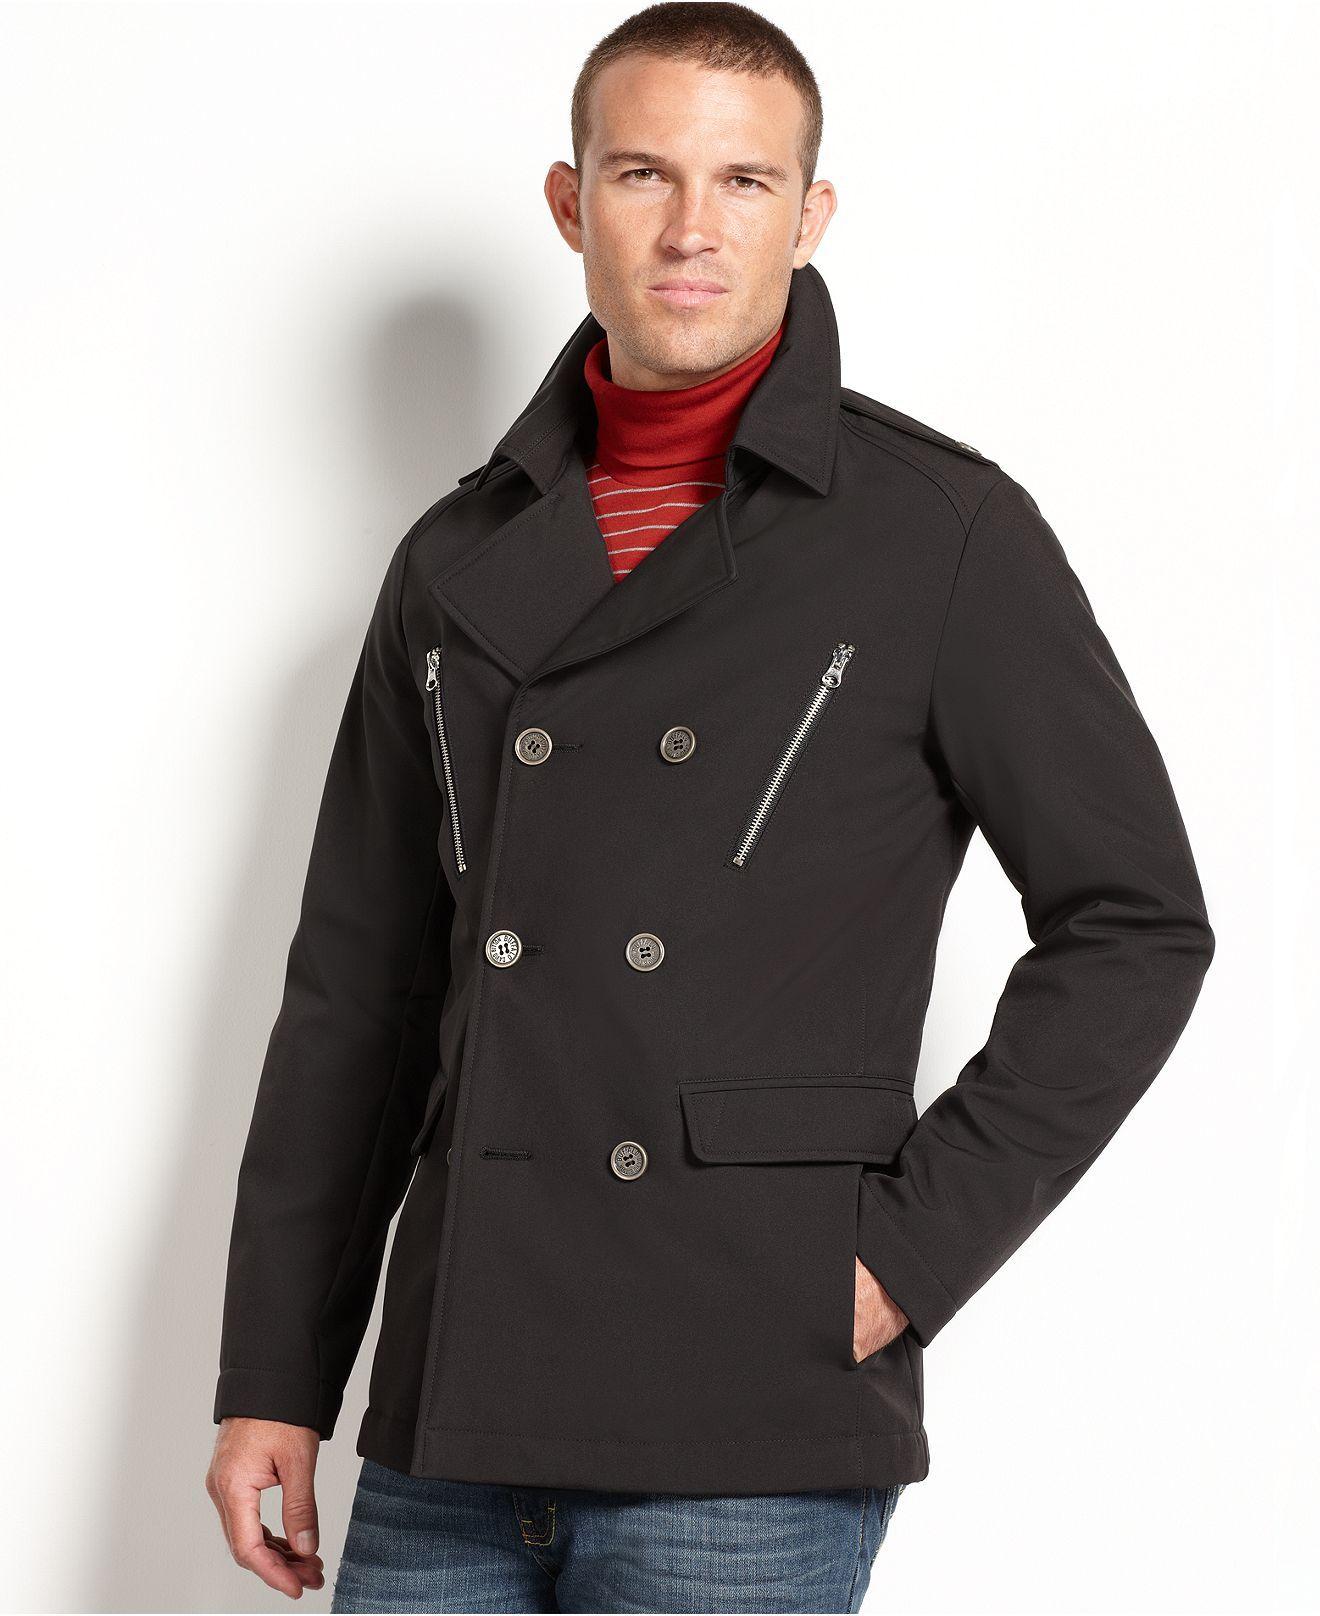 Buffalo David Bitton Jacket Soft Shell Double Breasted Jacket Coats Jackets Men Macy S Double Breasted Jacket Jackets Double Breasted [ 1616 x 1320 Pixel ]